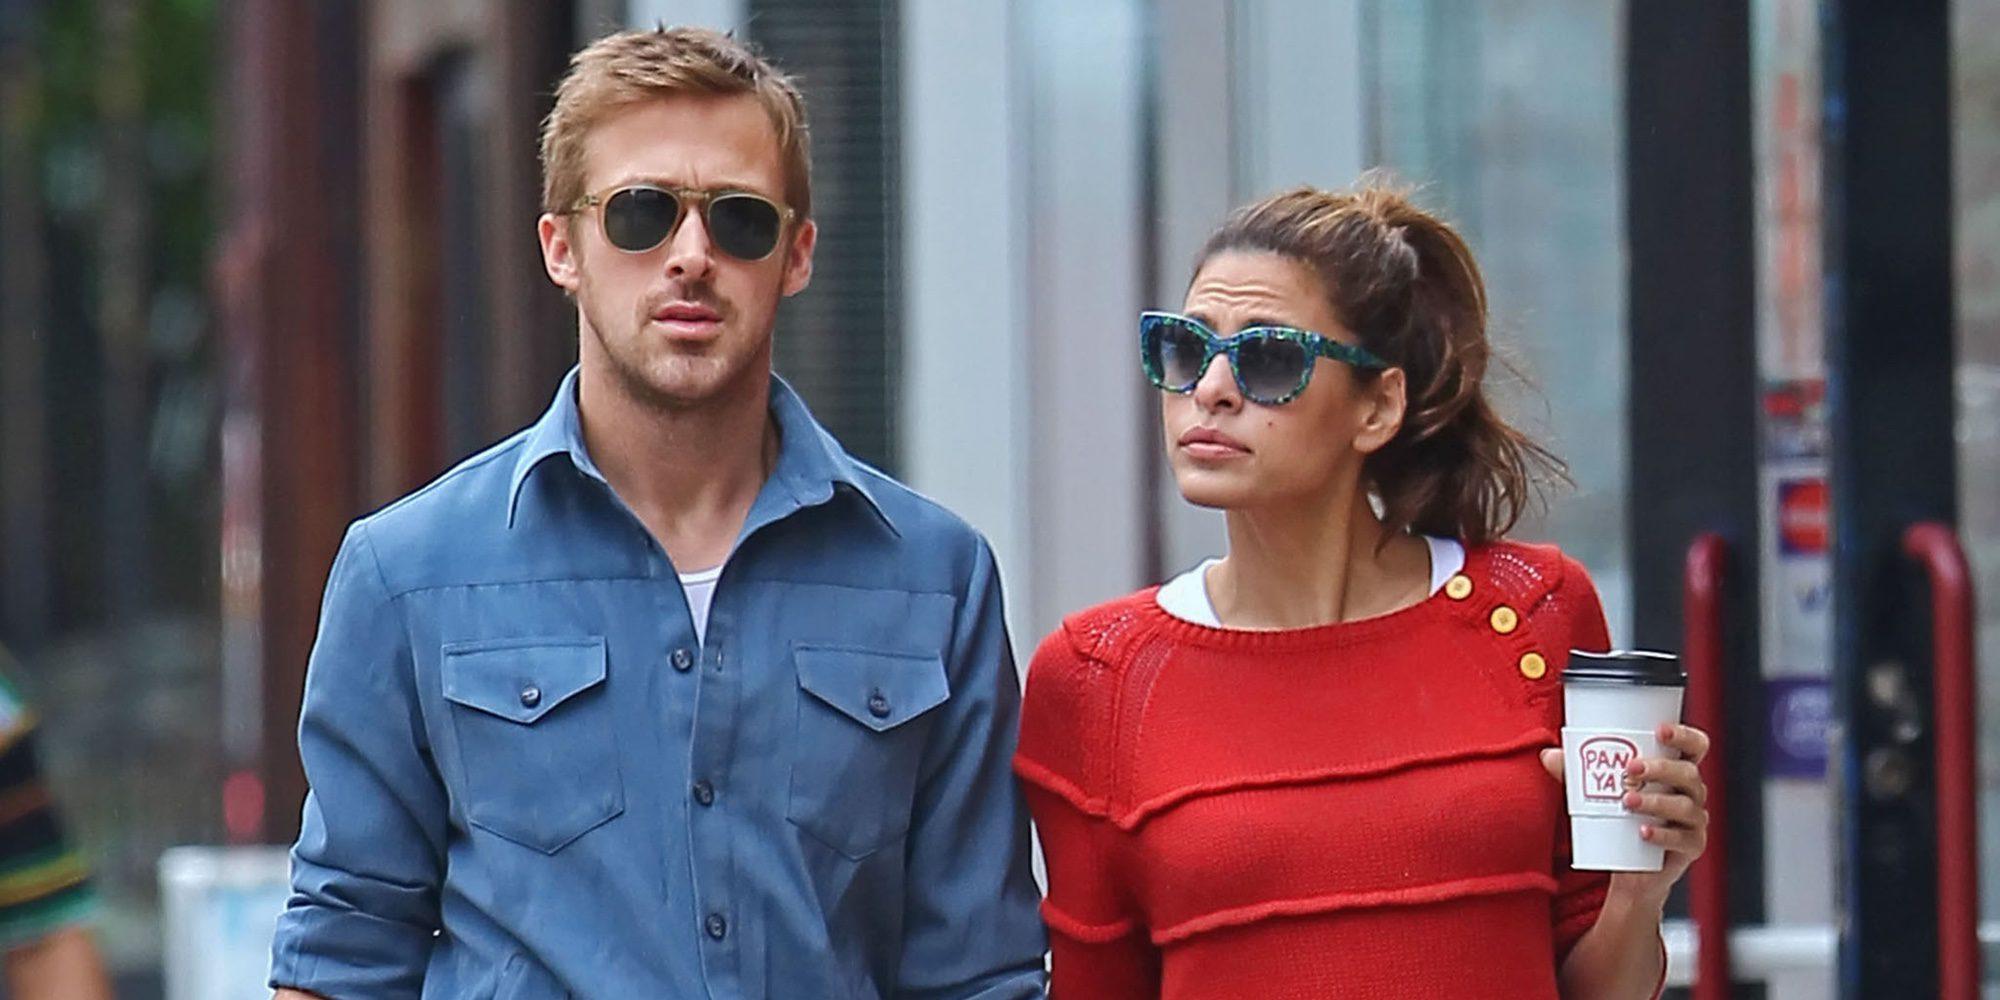 El emotivo mensaje de Ryan Gosling a Eva Mendes y a su cuñado fallecido tras ganar el Globo de Oro 2017